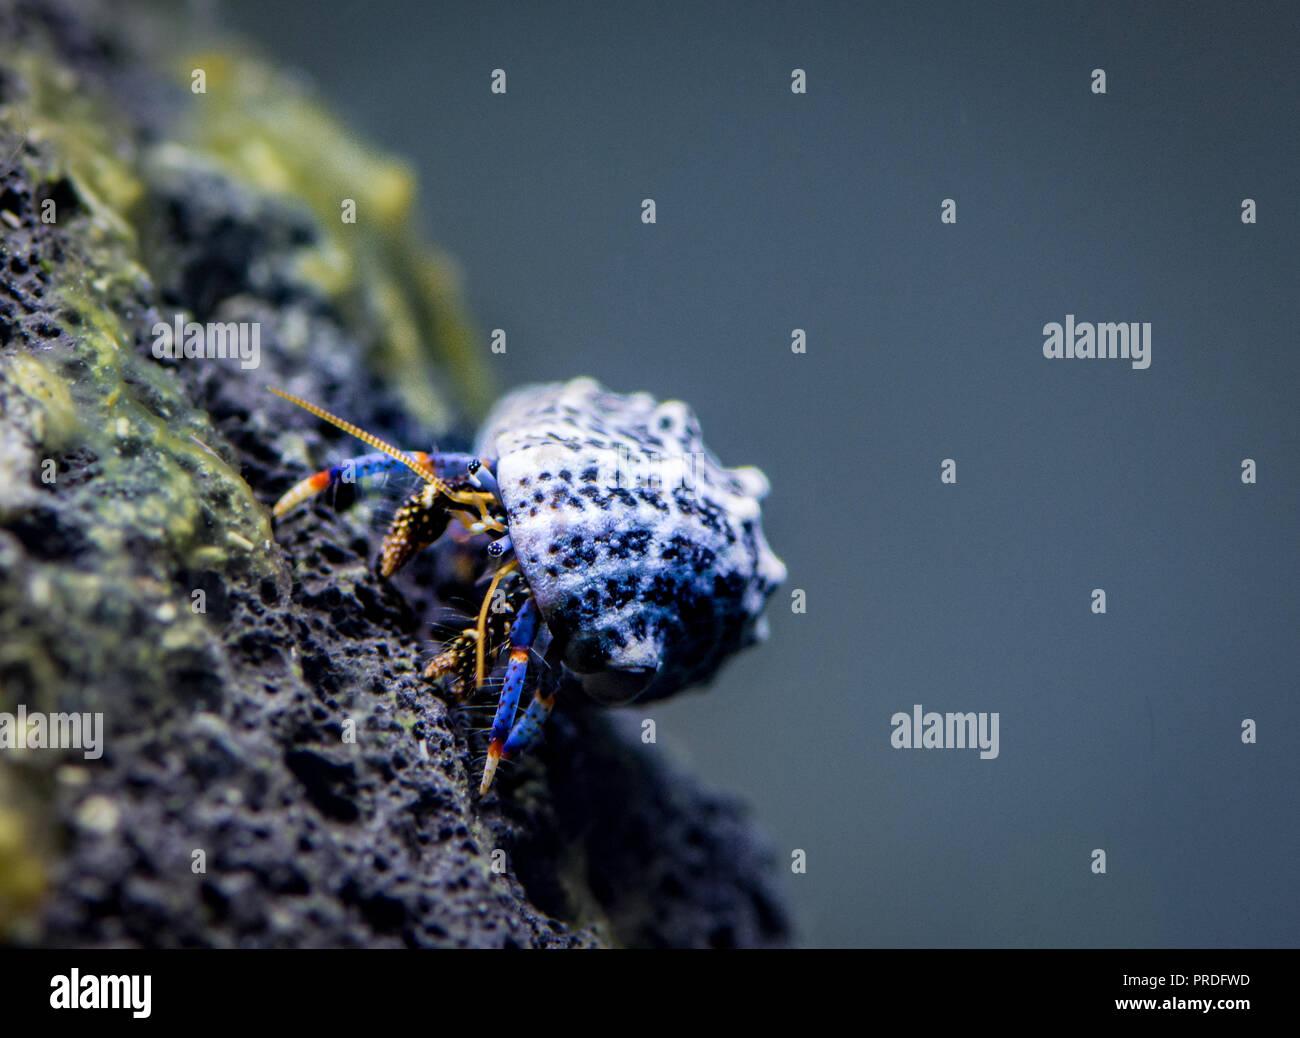 Il granchio eremita nel serbatoio d'acqua salmastra Immagini Stock